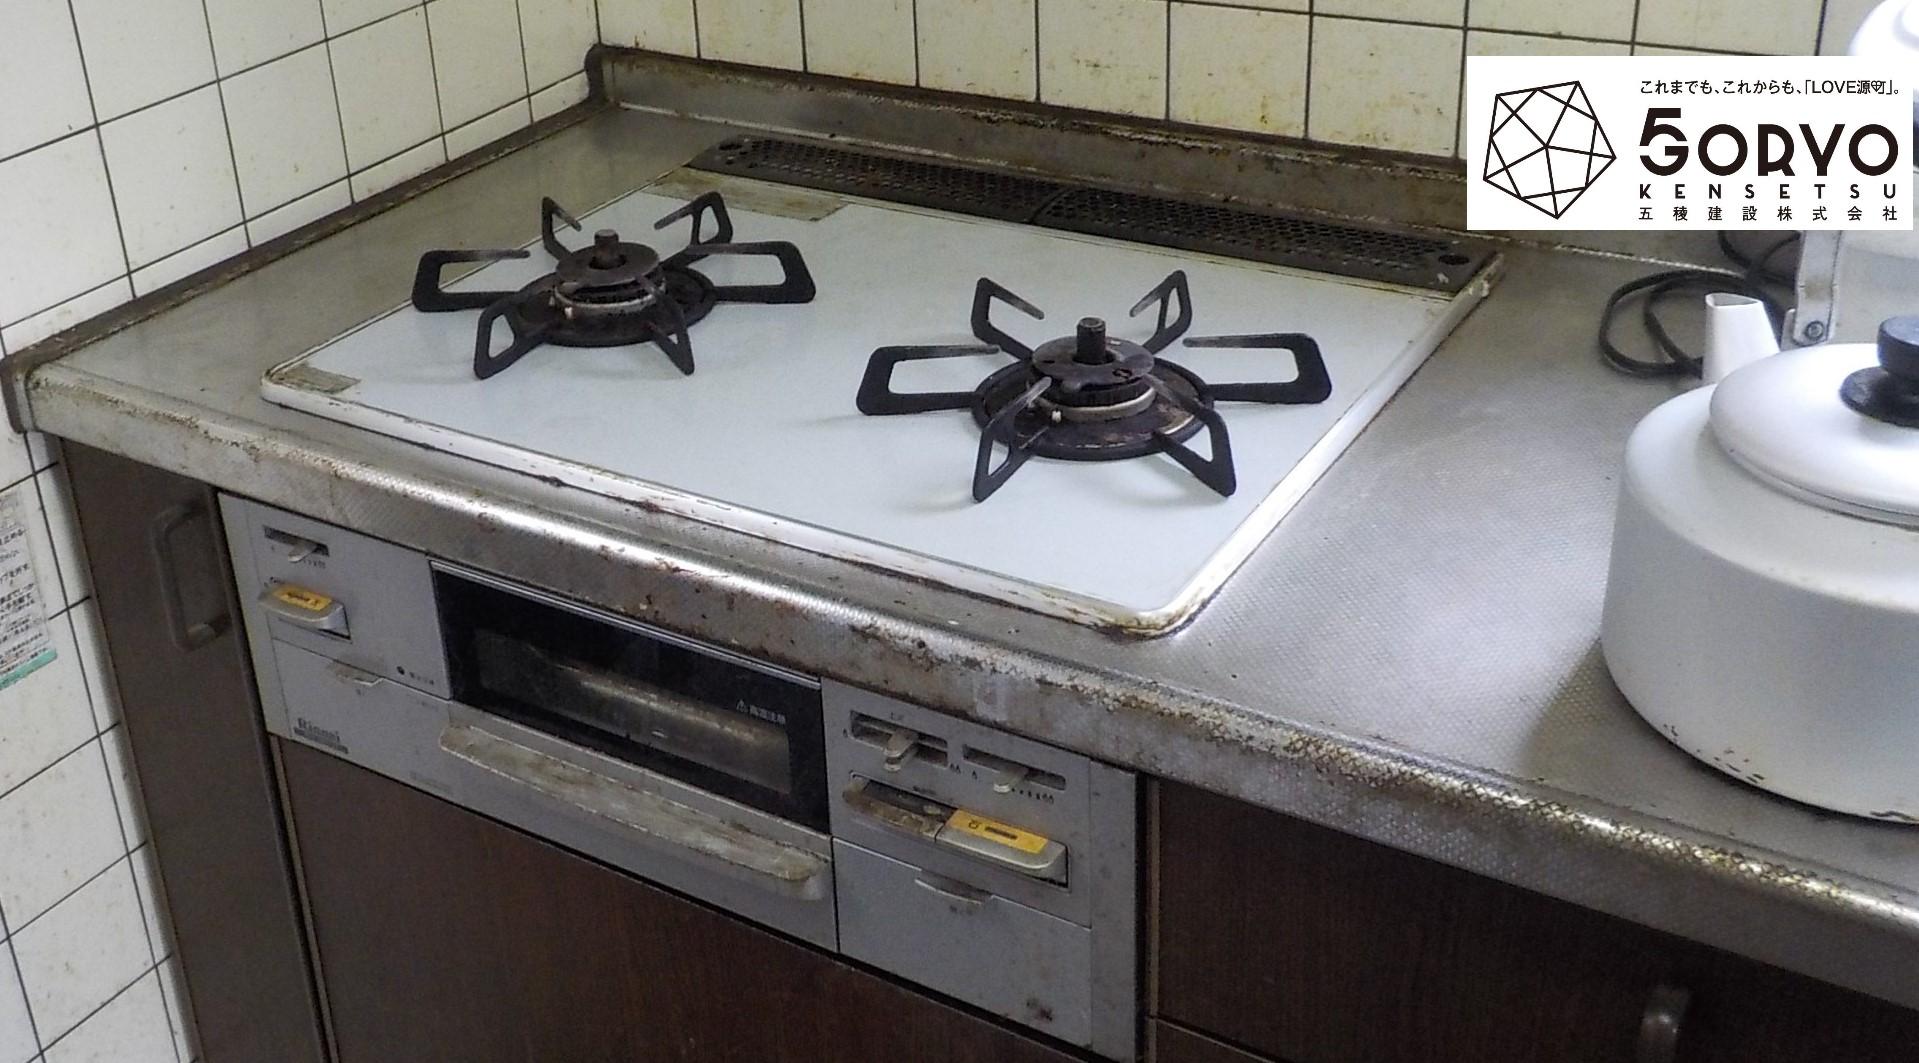 千葉市若葉区N様邸キッチンガスビルトインコンロの交換リフォーム工事:施工前